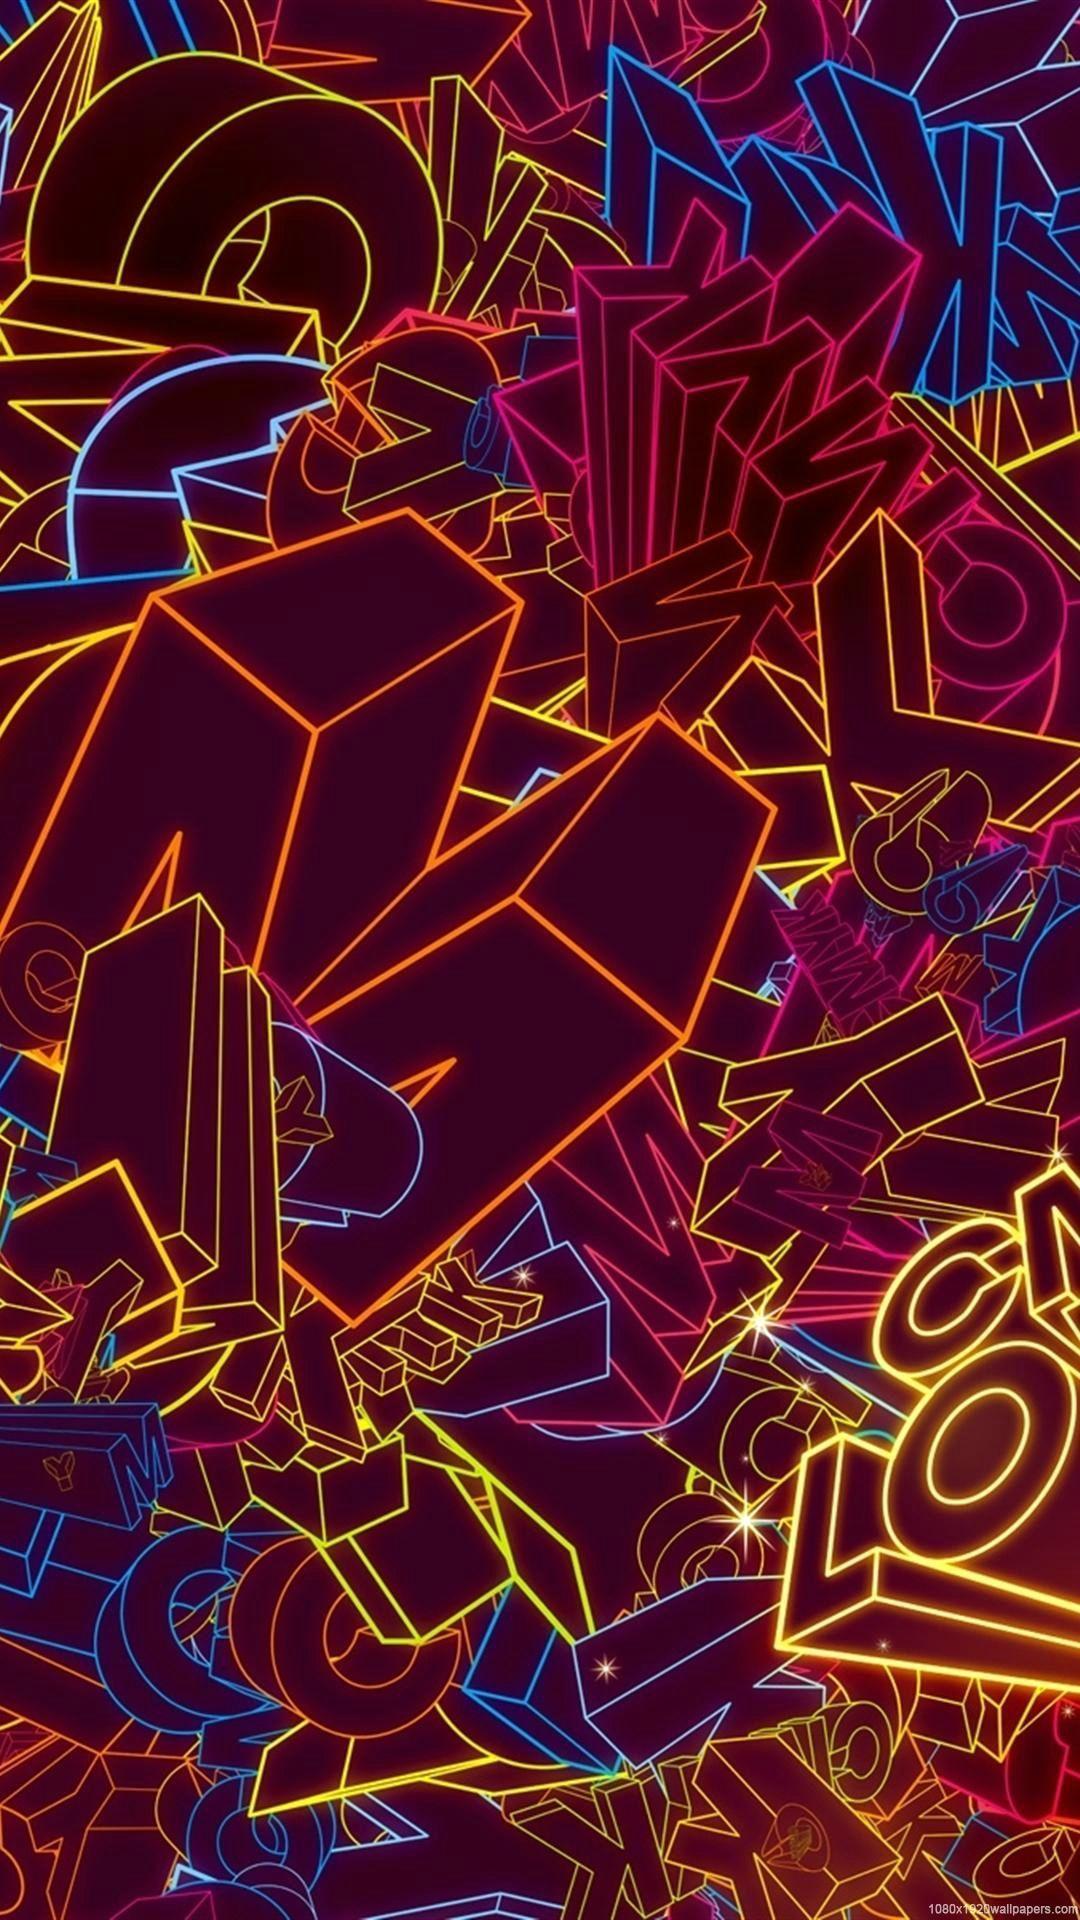 1080x1920 Hình nền vẽ đầy màu sắc trừu tượng tuyệt vời HD